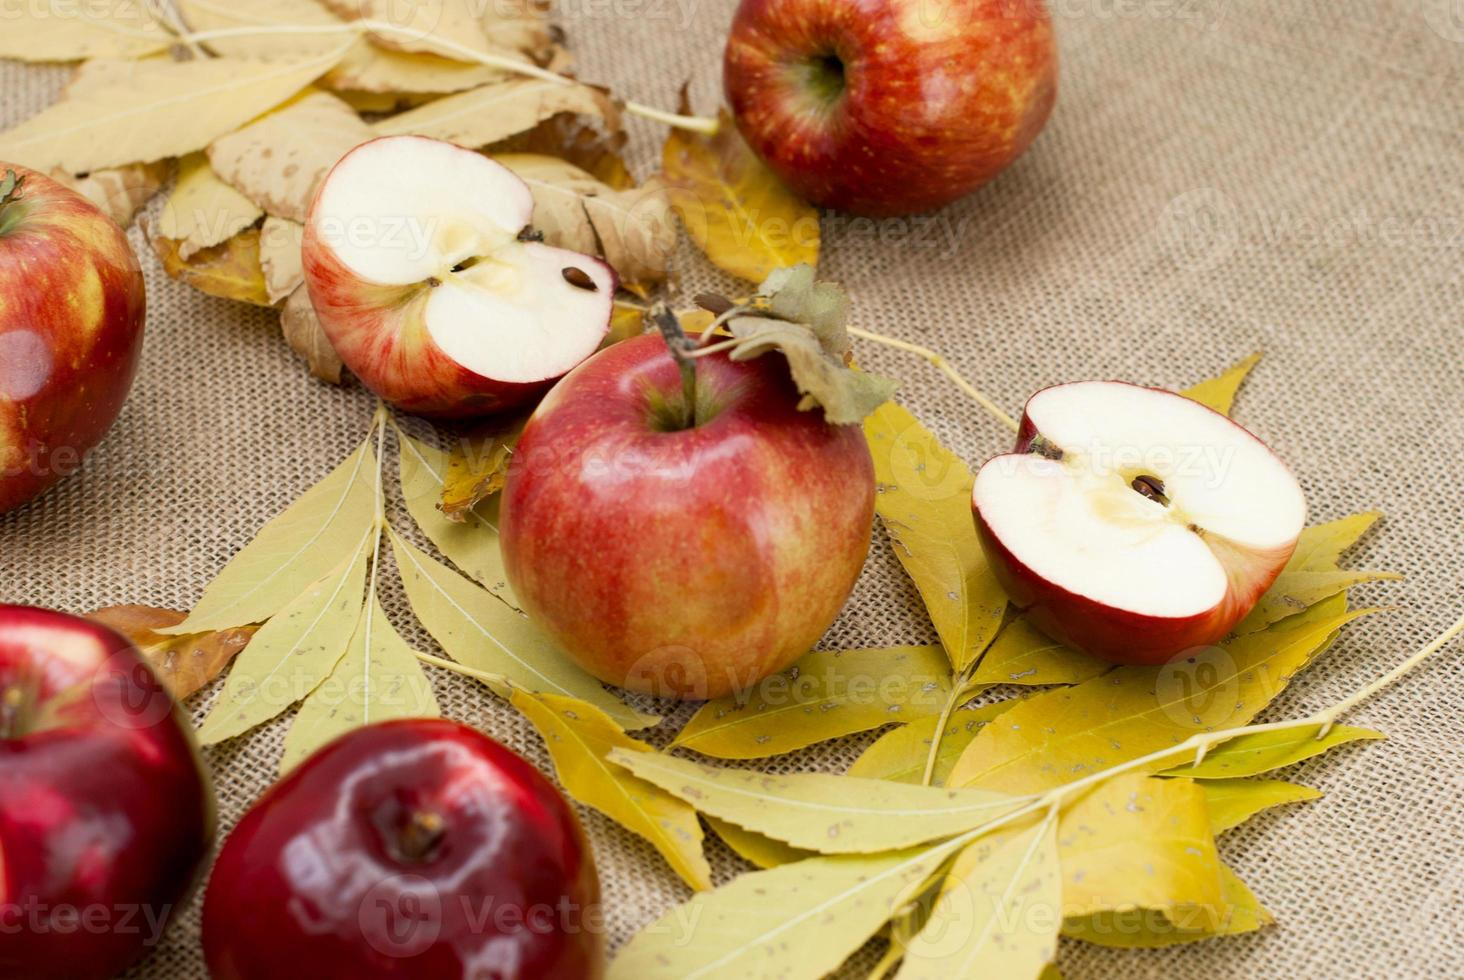 rode verse appels foto